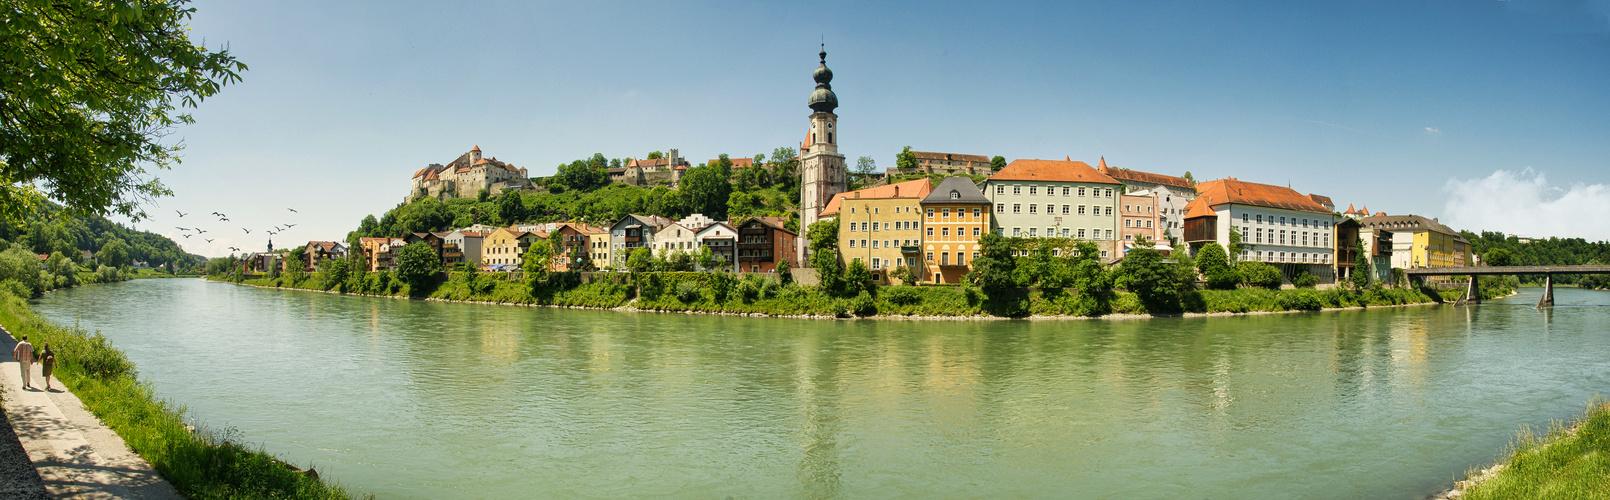 5. Altstadtpanorama